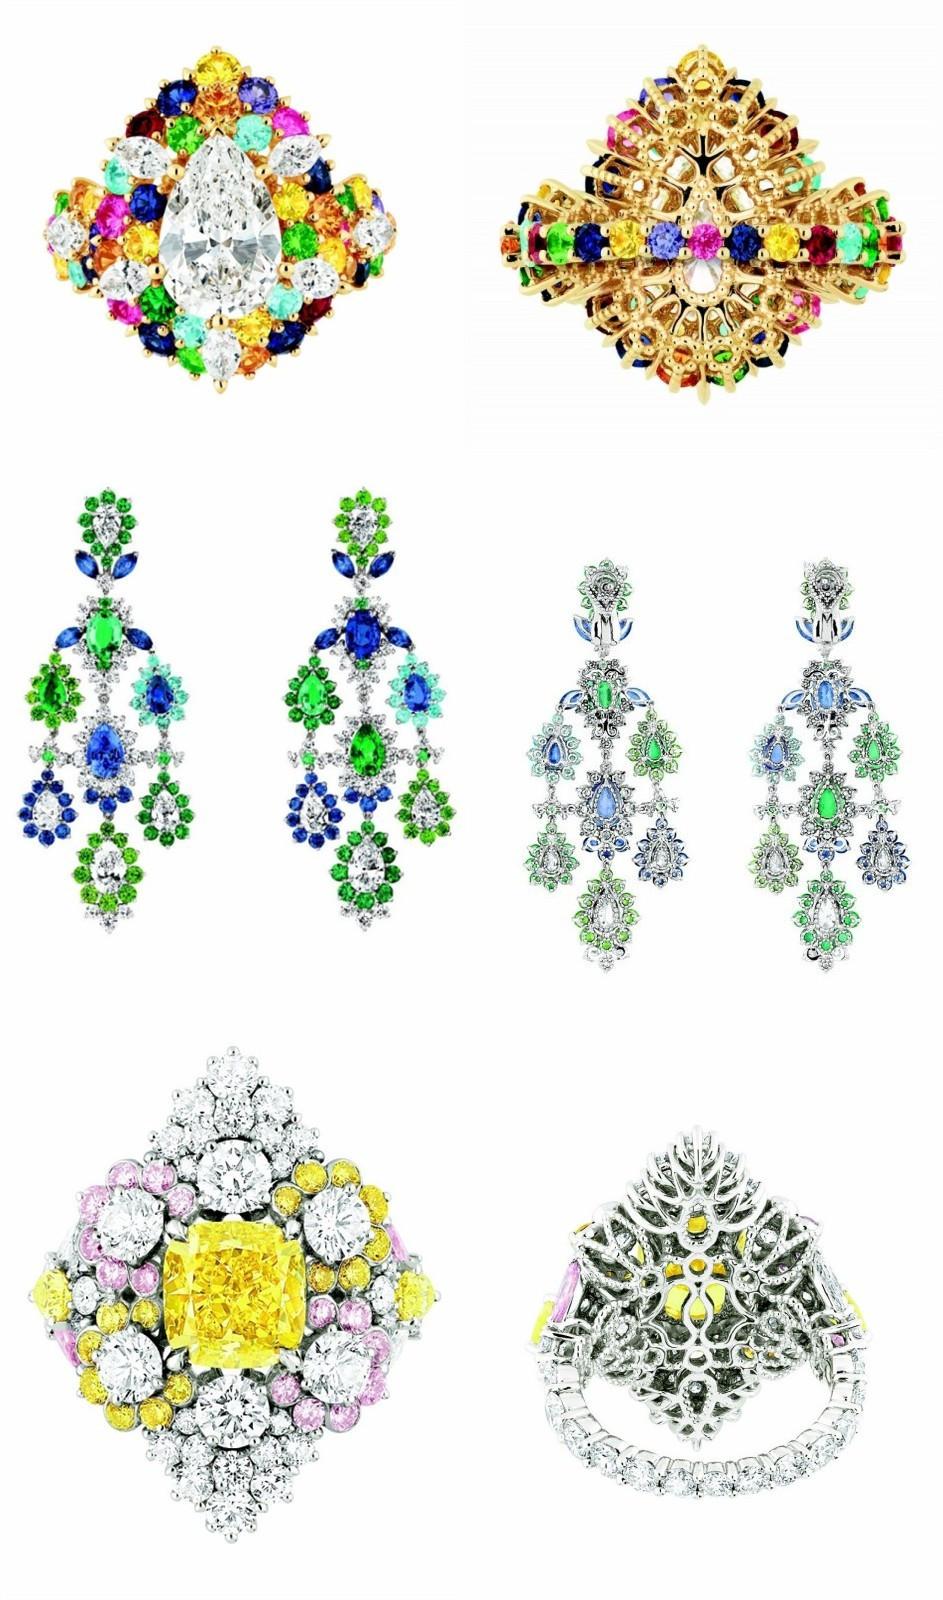 le front et le dos des bijoux dans la collection de haute joaillerie de Dior Cher Dior